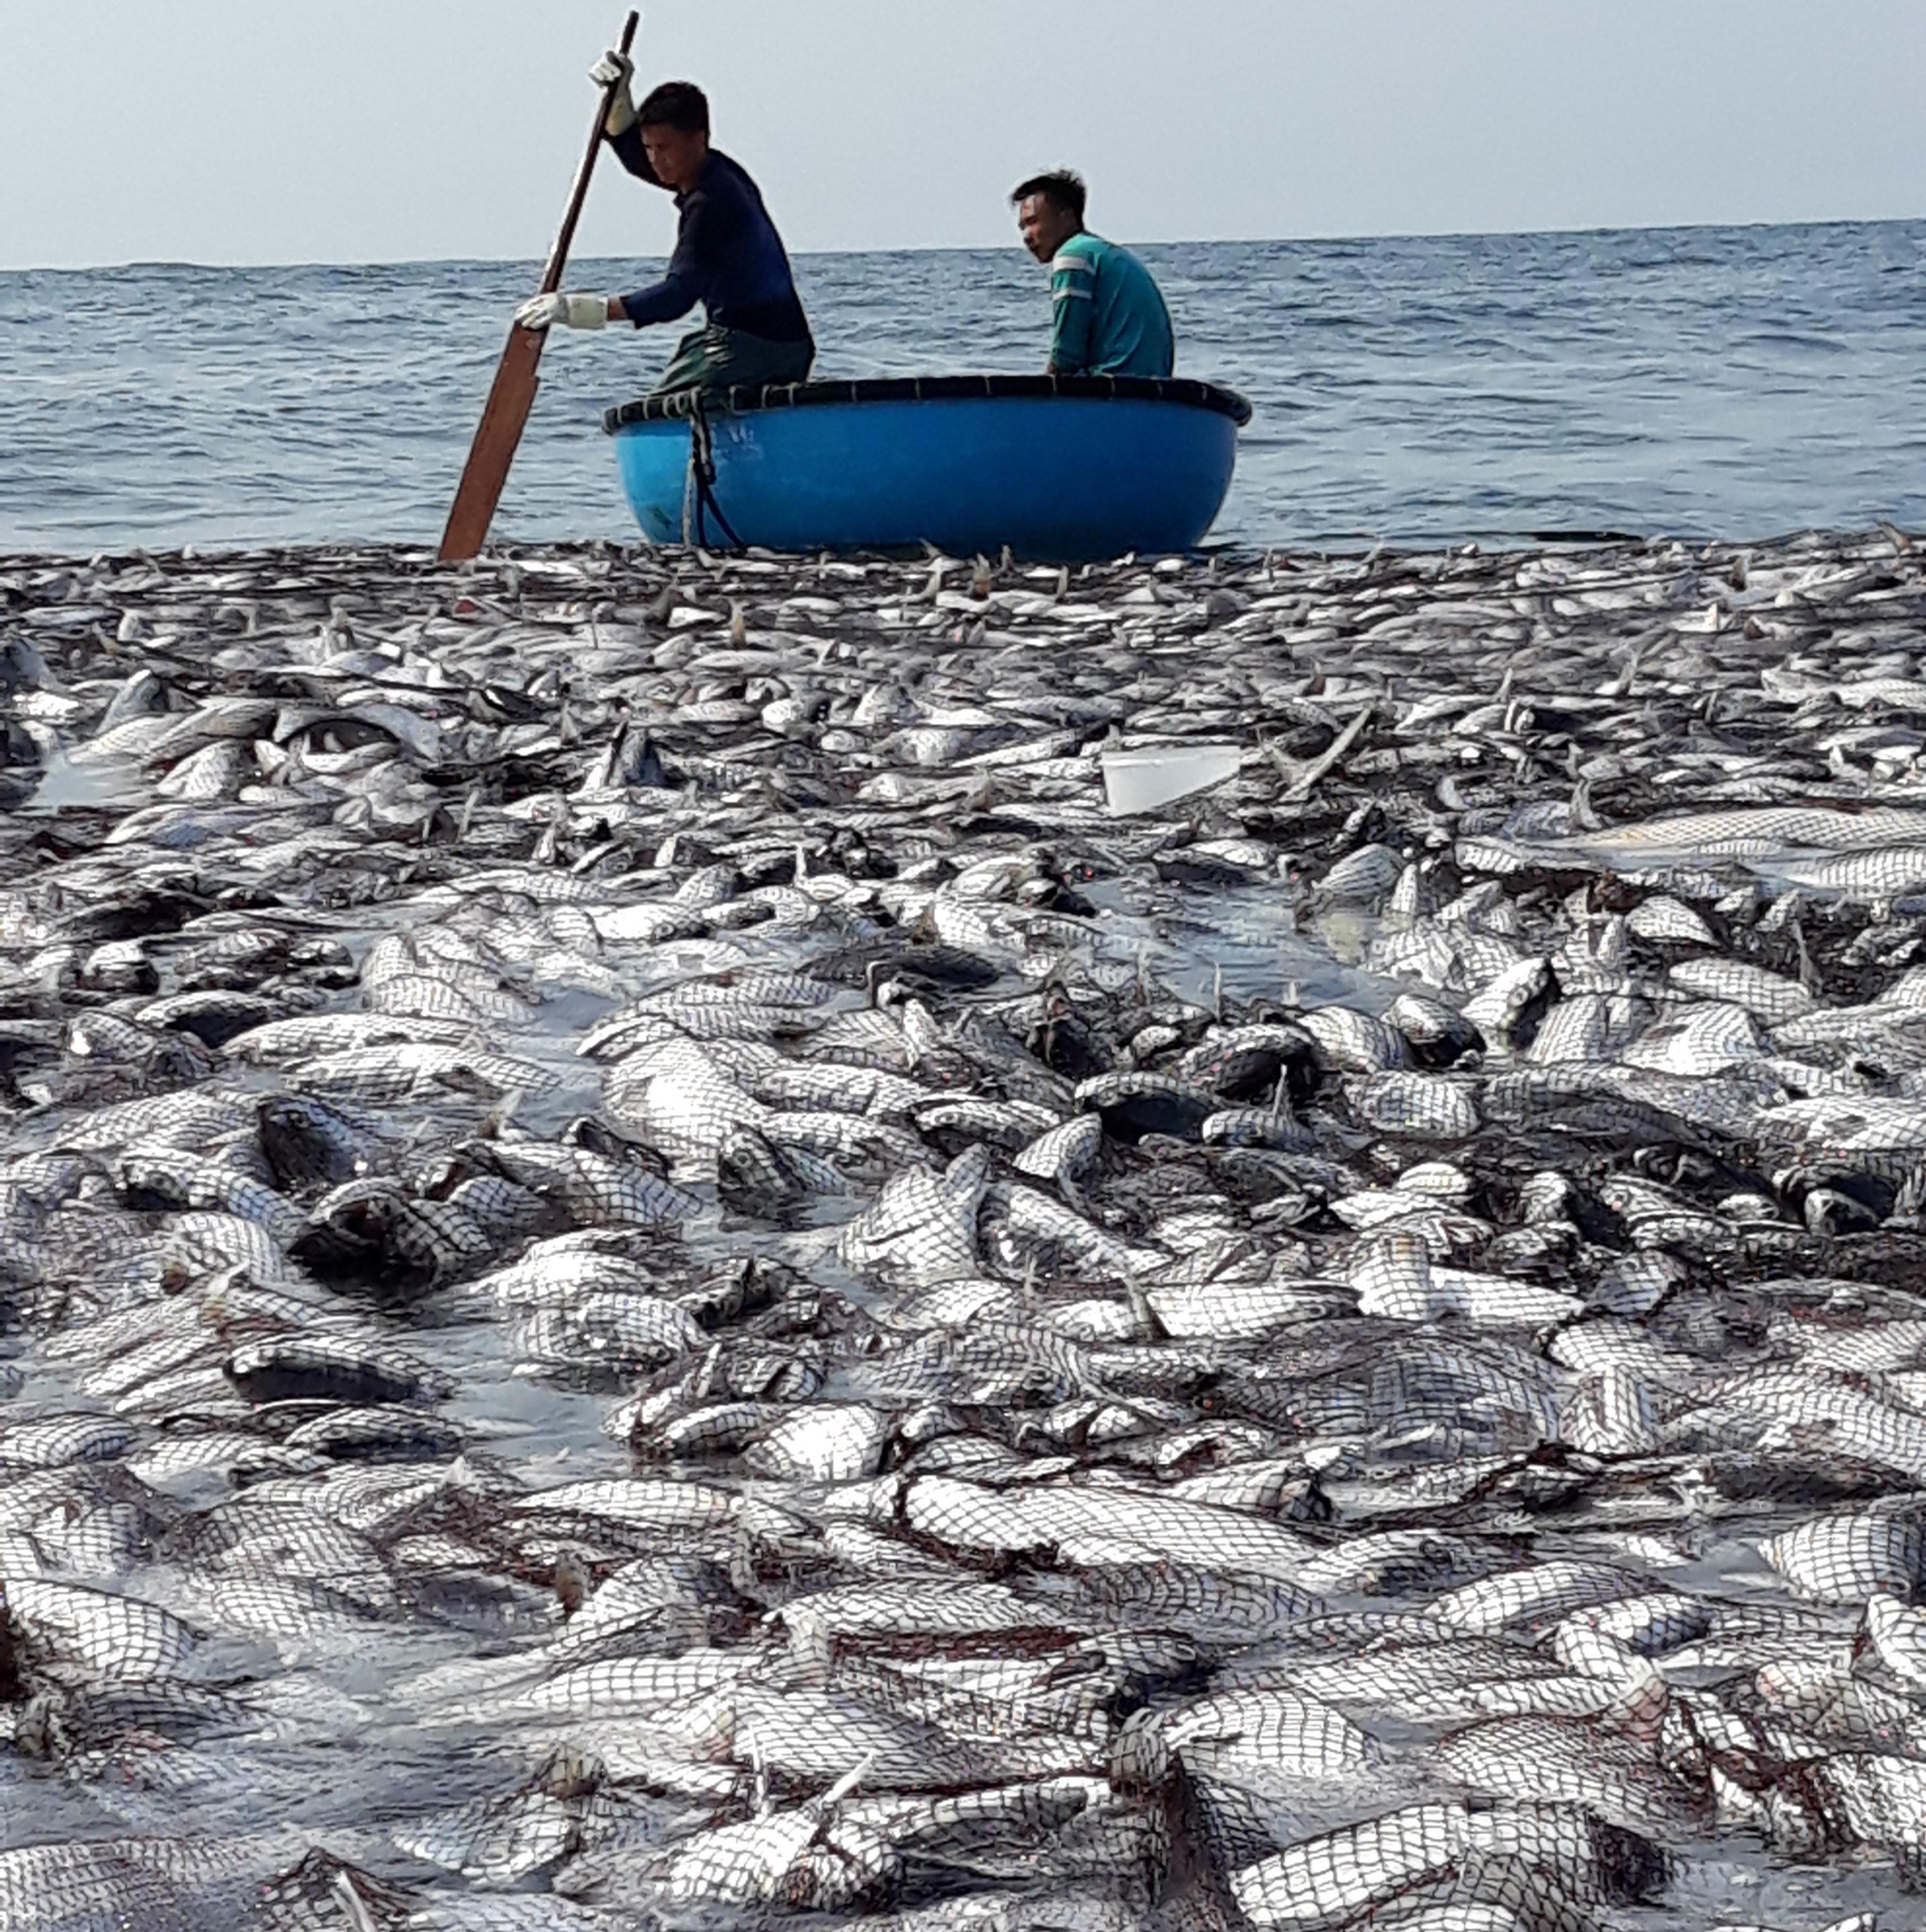 Cận cảnh mẻ cá 120 tấn trên biển, cả chục ngàn con chờ đánh bắt Ảnh 5